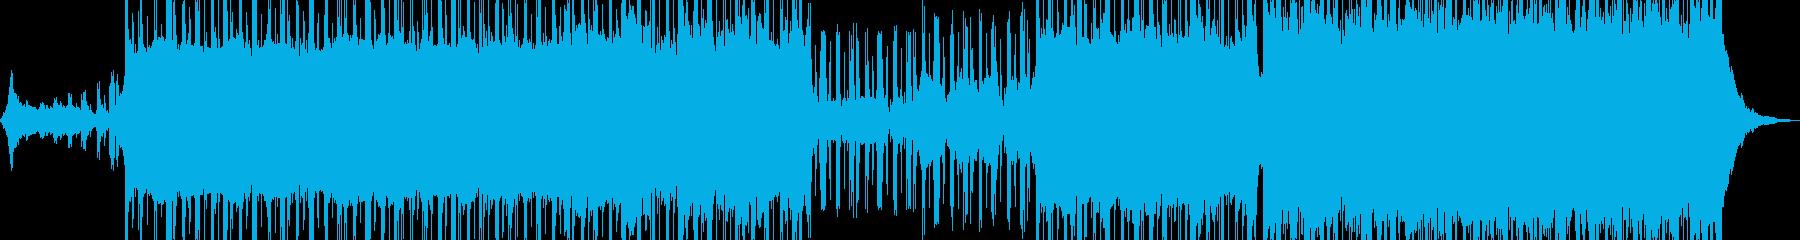 無機質でドライ・ダークなR&B A2の再生済みの波形